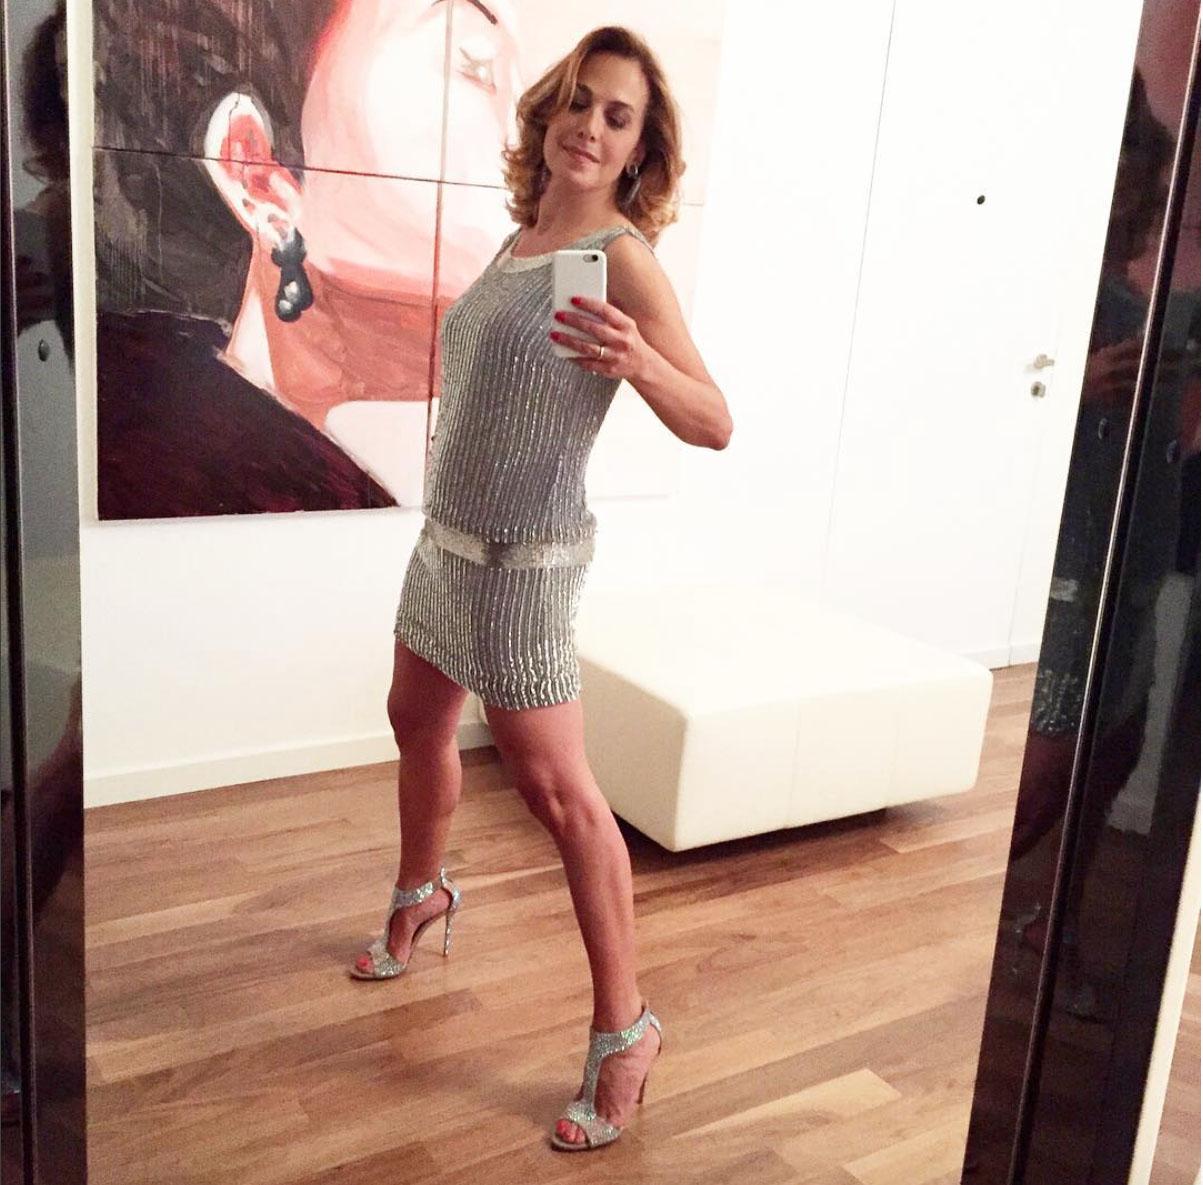 Barbara D'Urso naked (29 fotos) Boobs, Instagram, in bikini